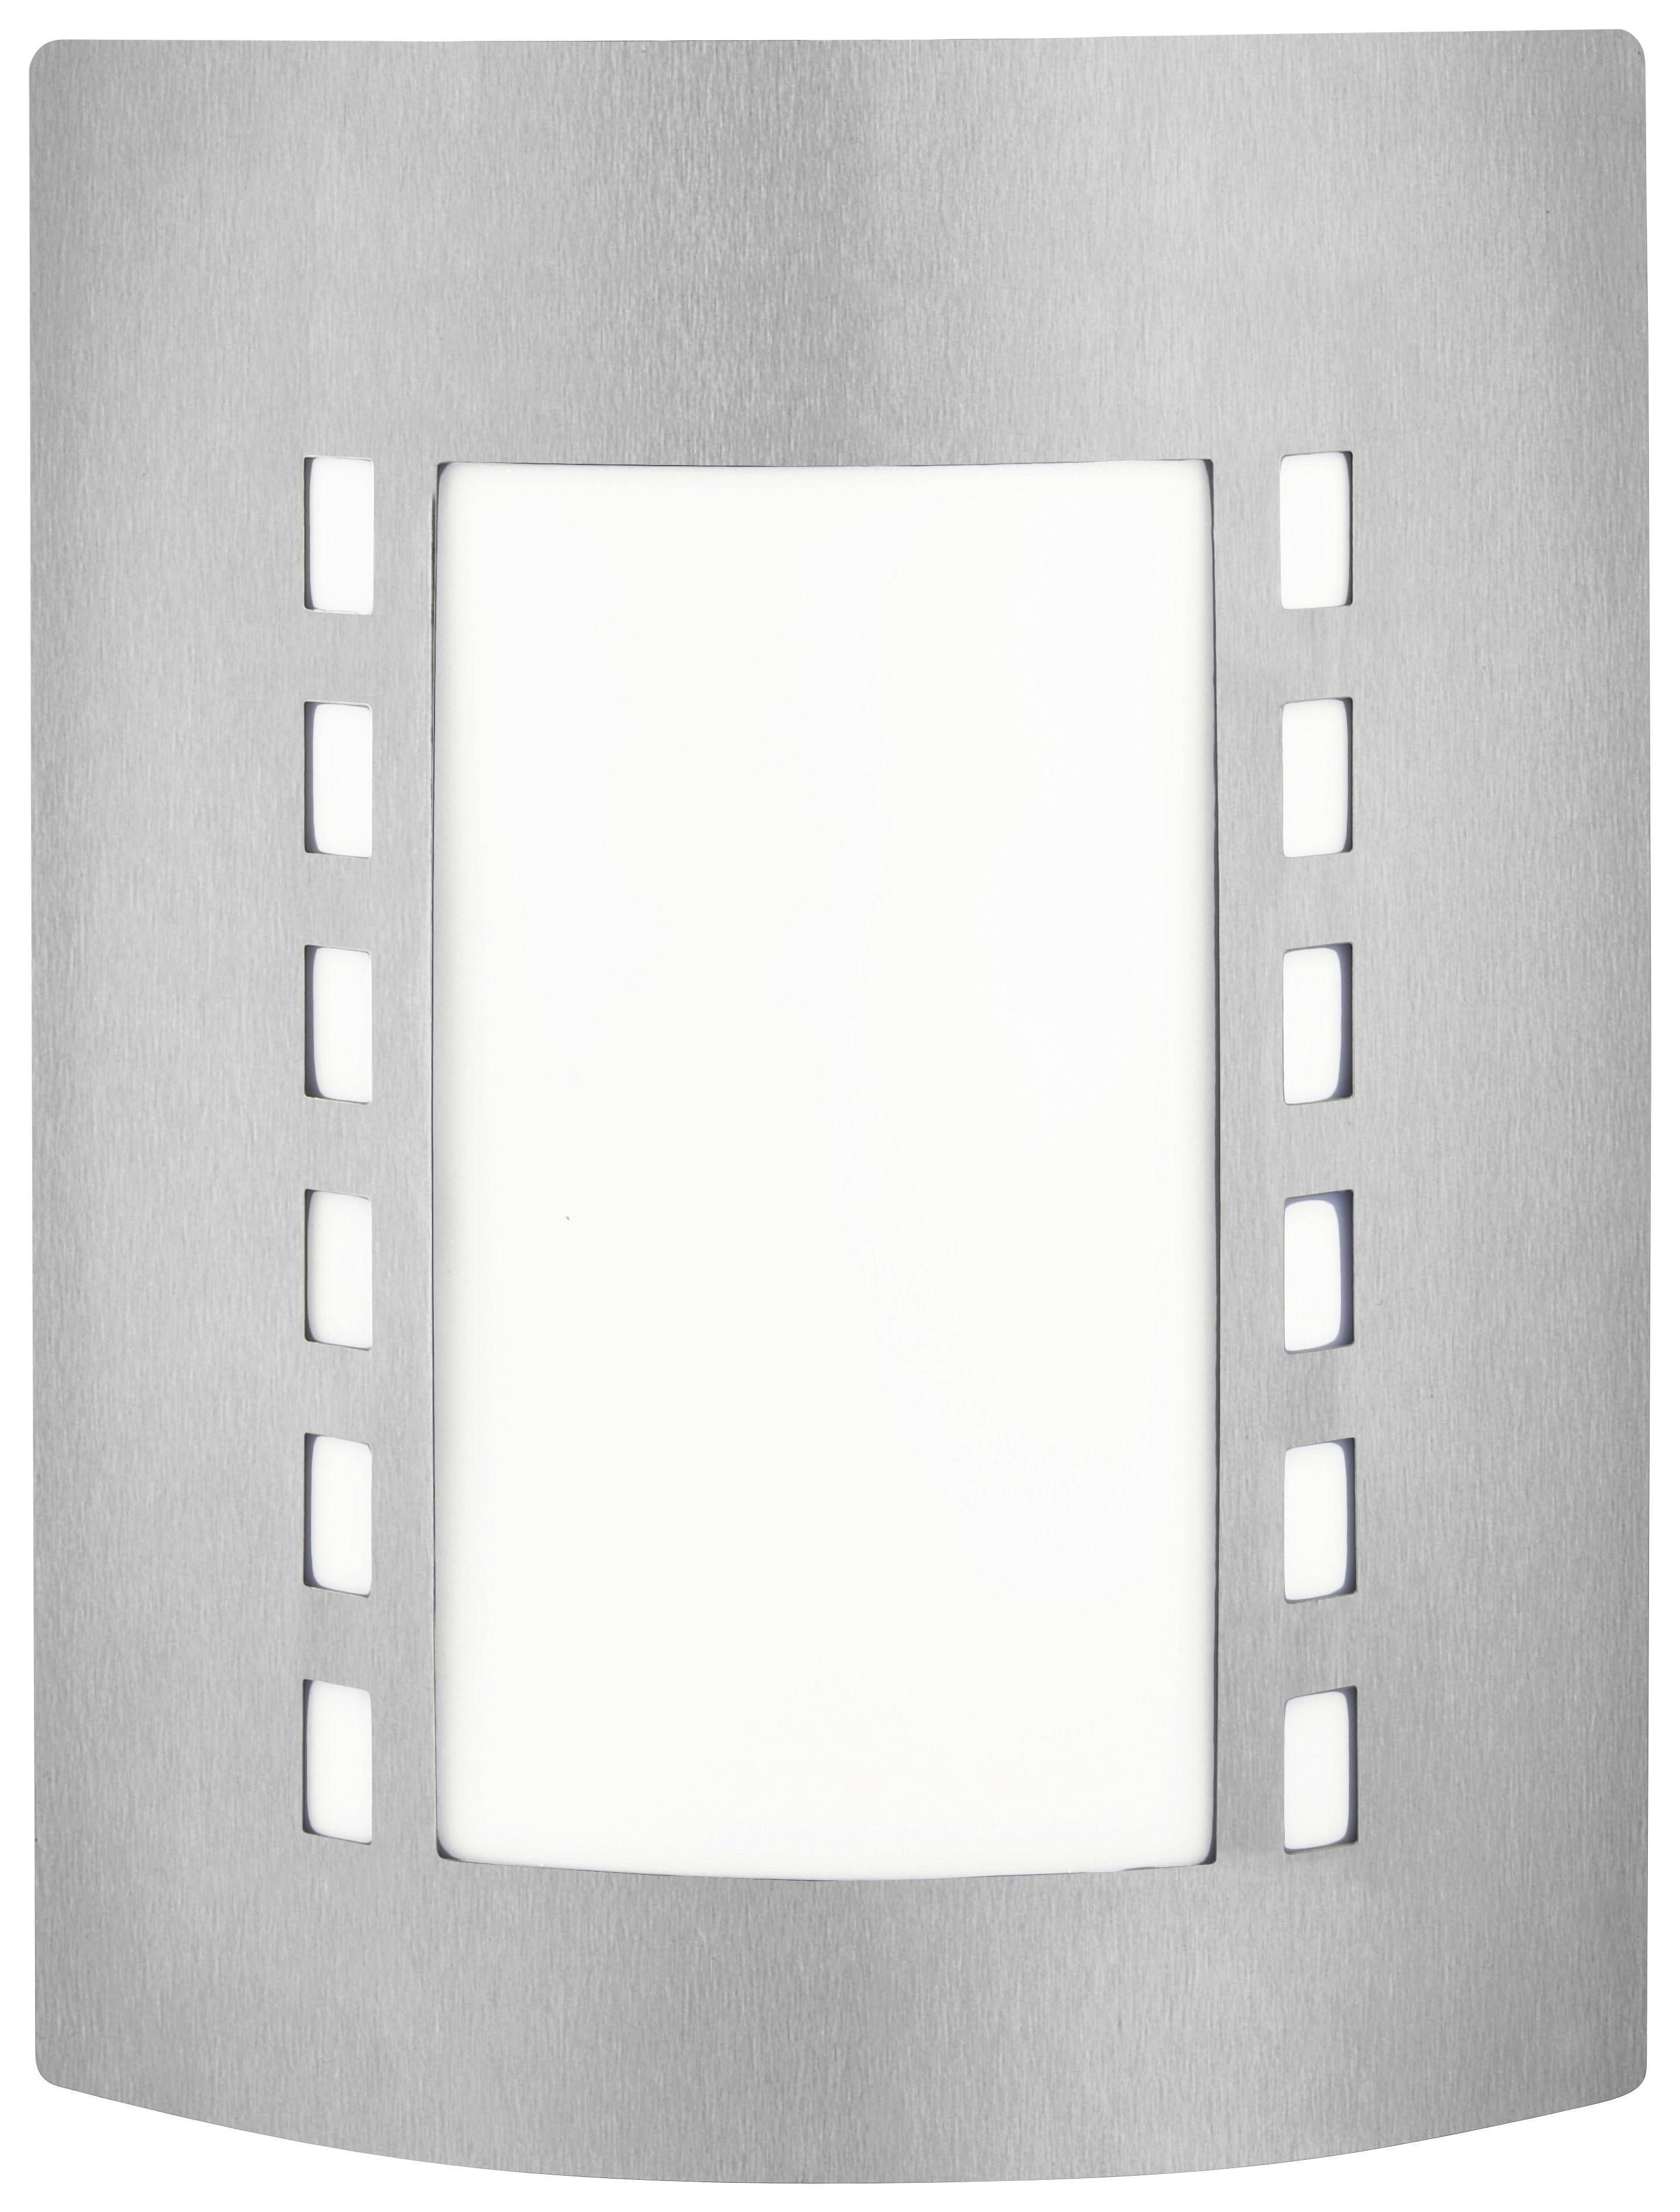 AUßENLEUCHTE - Weiß, KONVENTIONELL, Kunststoff/Metall (23/29/9,2cm) - BOXXX